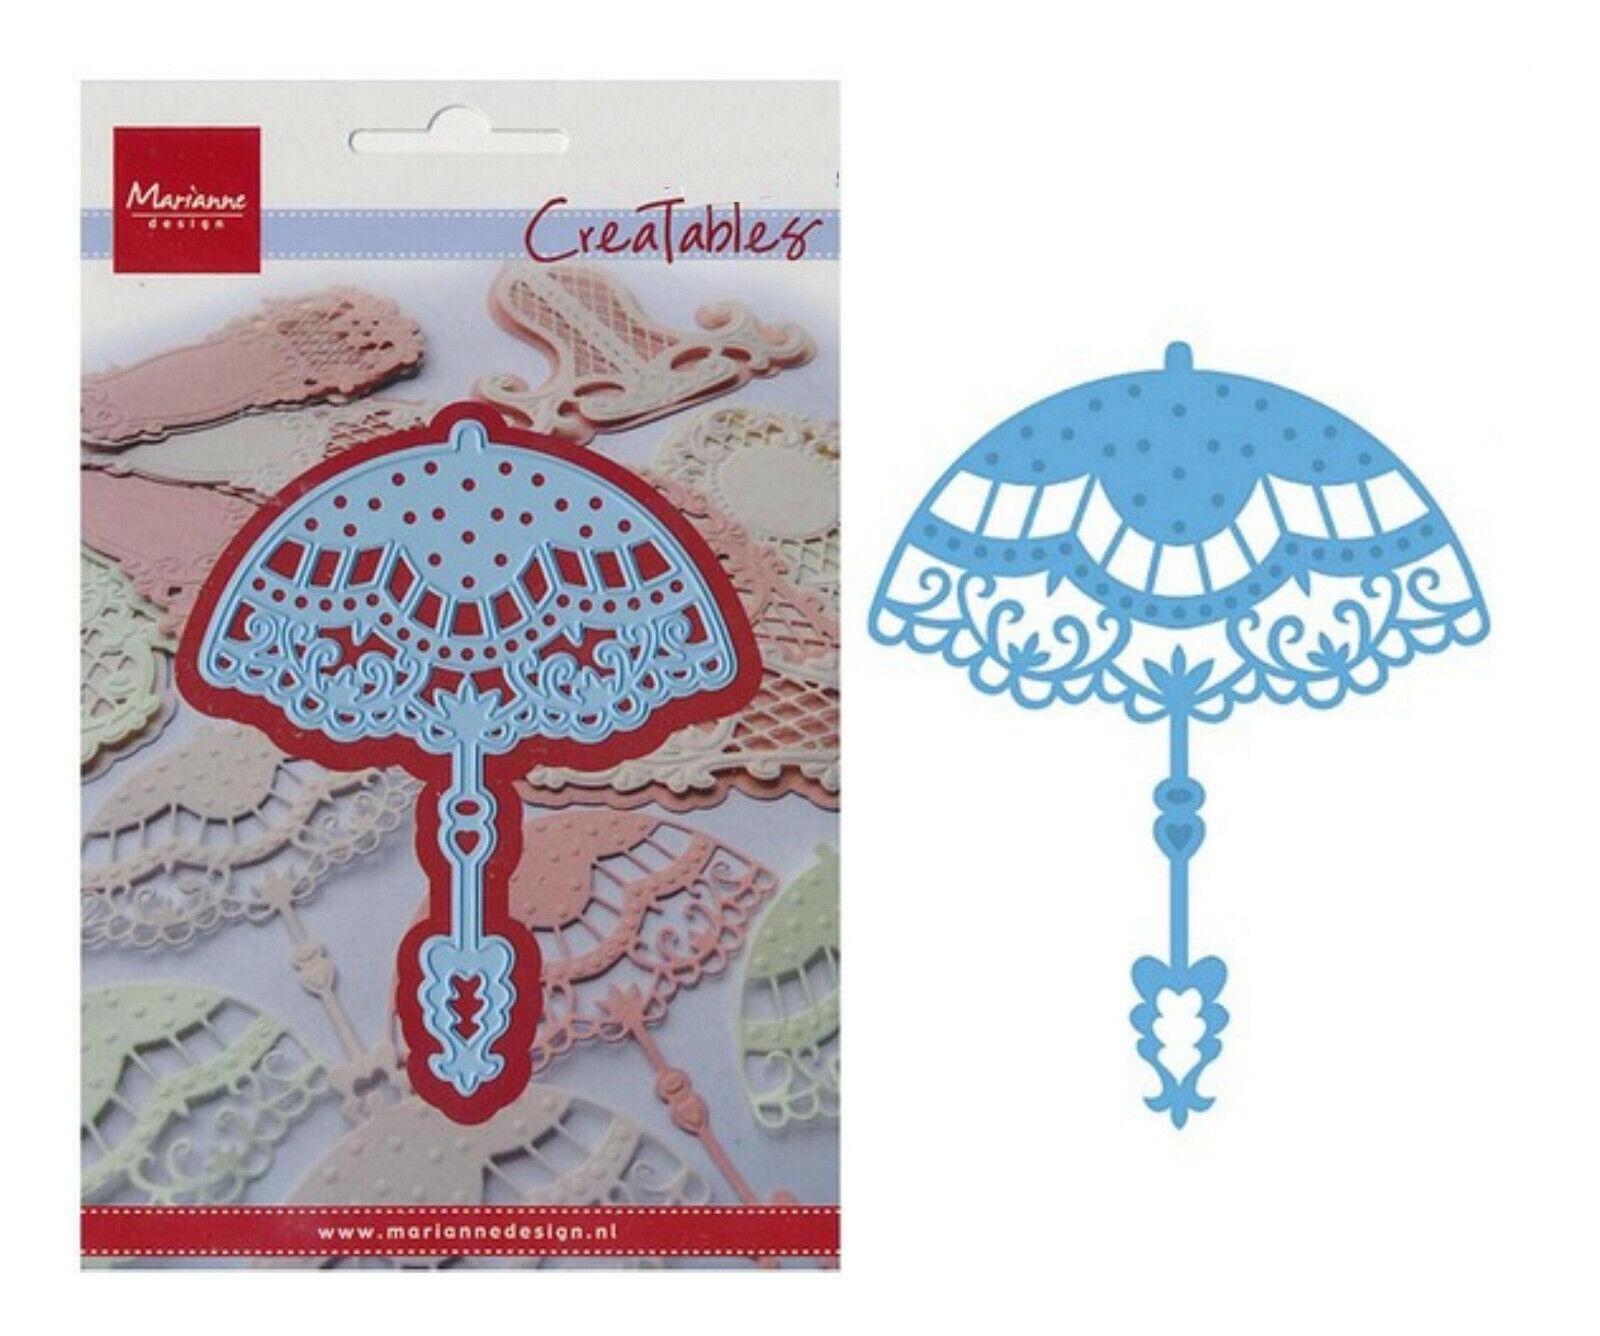 Stanzschablone Marianne Design Schere LR0195 CreaTables Cuttlebug Big Shot